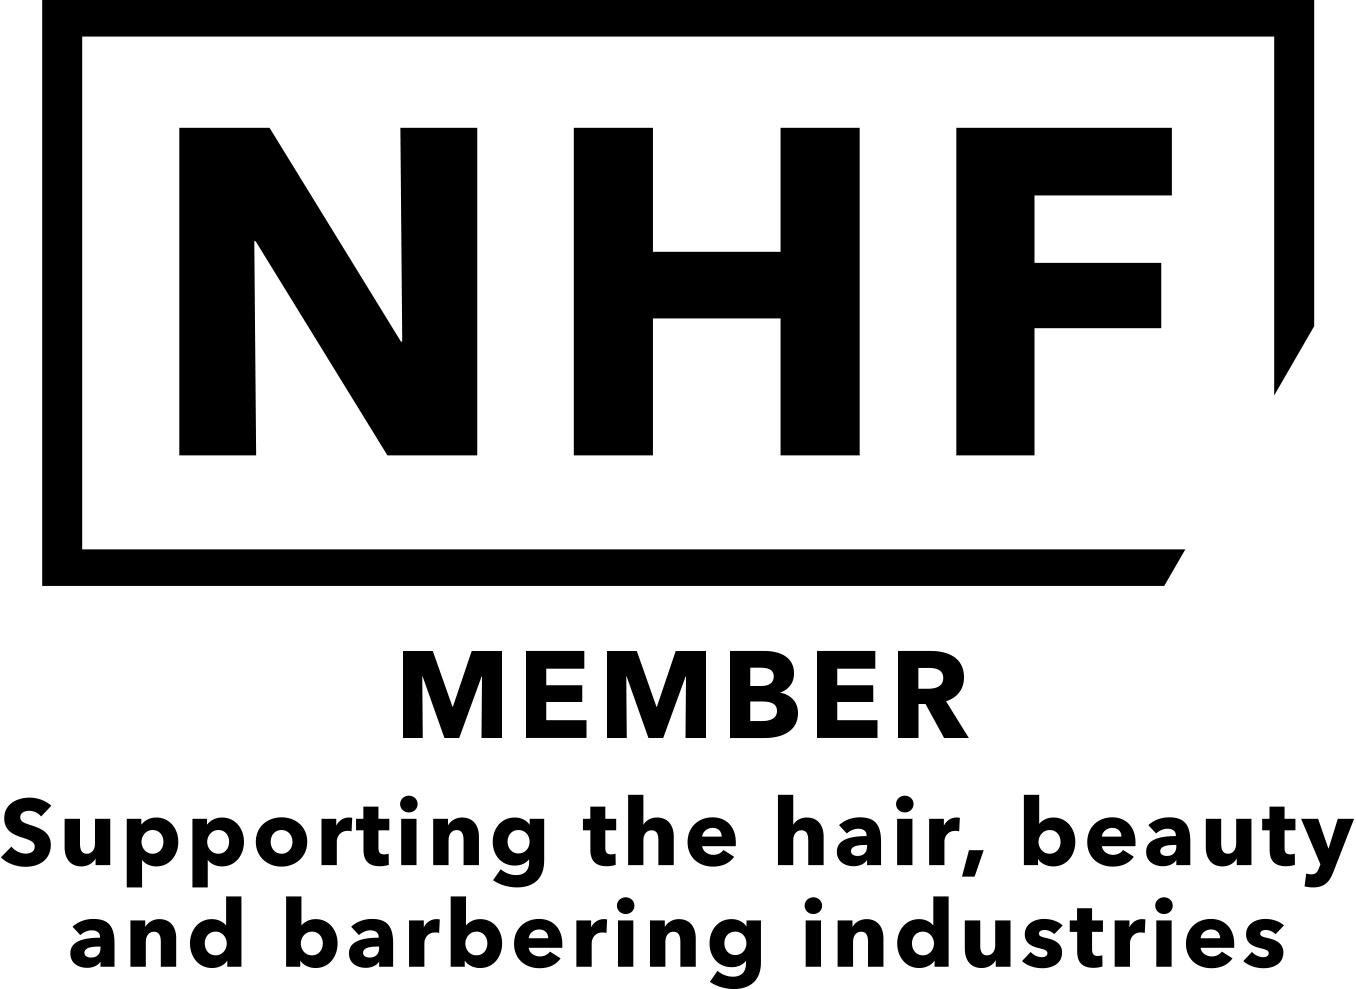 nhf_member_logo_black2017410165938.jpg